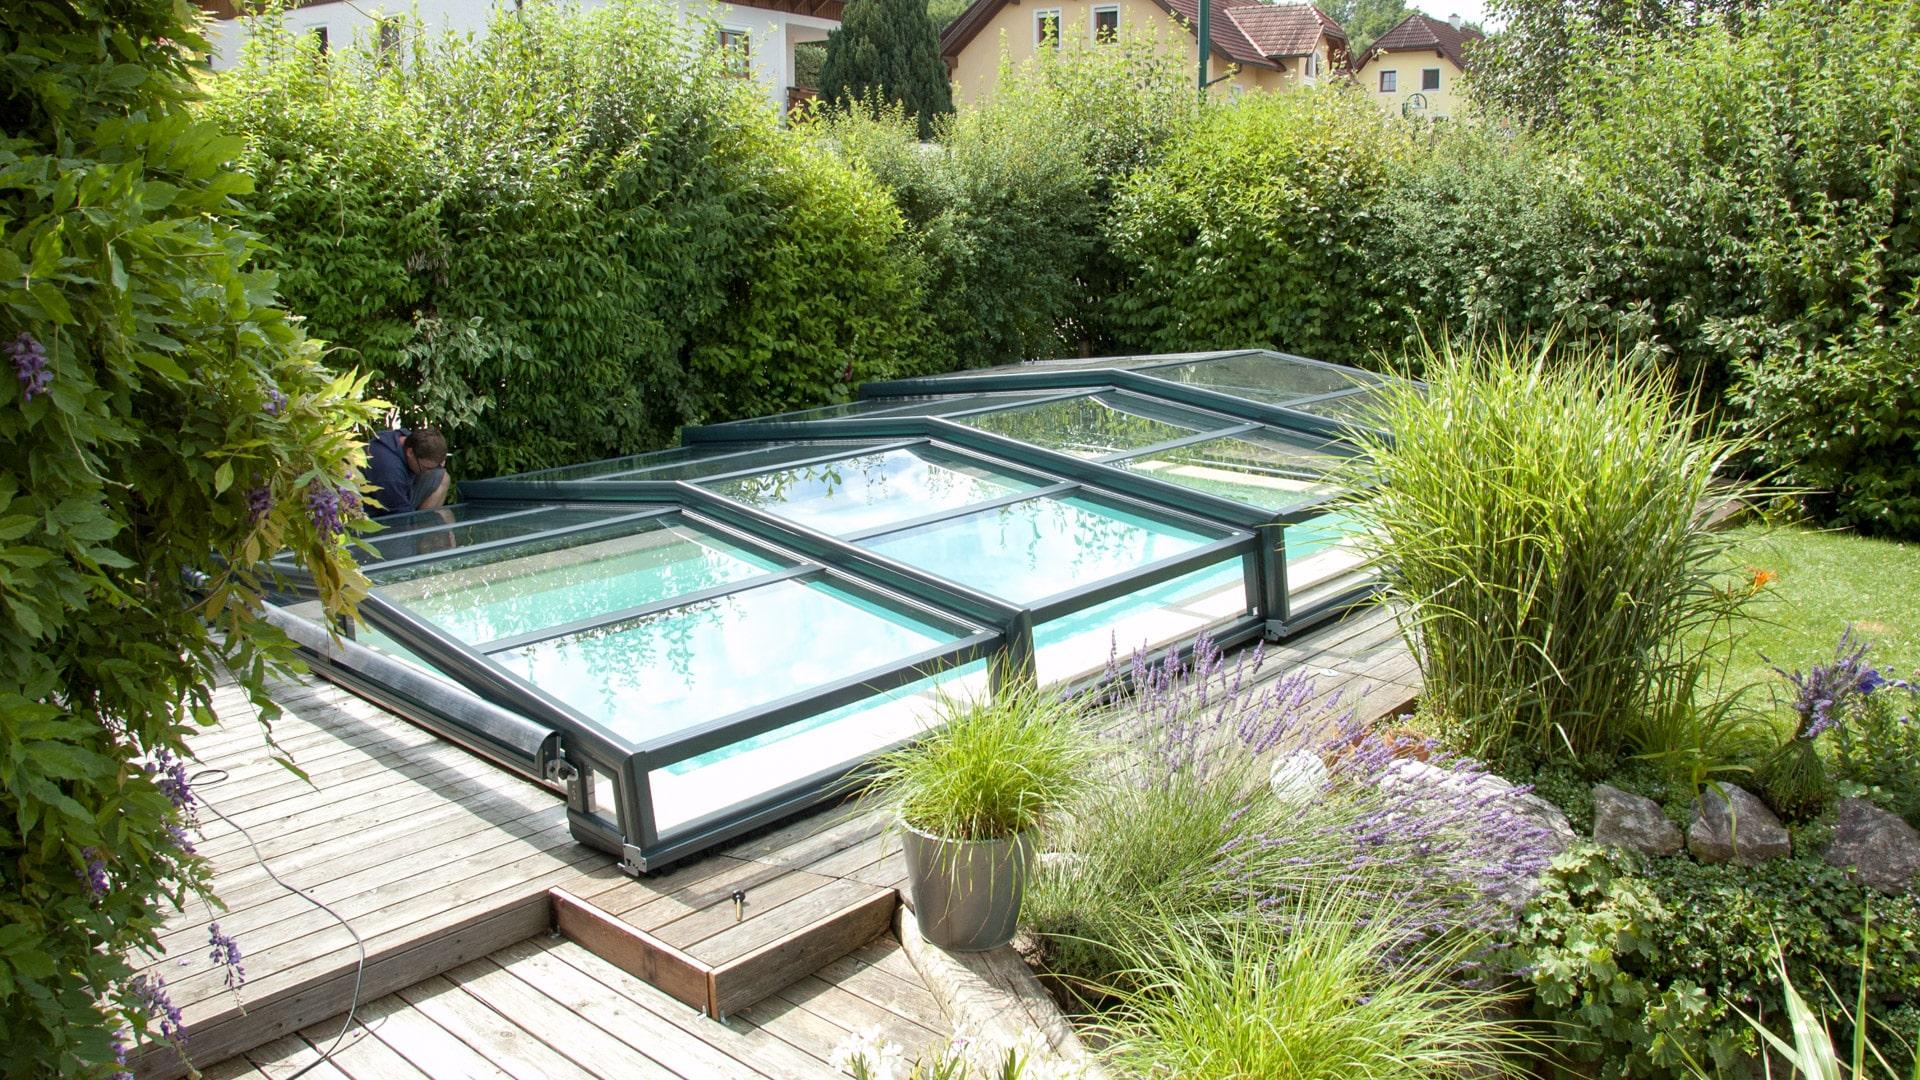 Abris de piscine bas discret abri piscine t lescopique et modulable - Abris de piscine bas ...